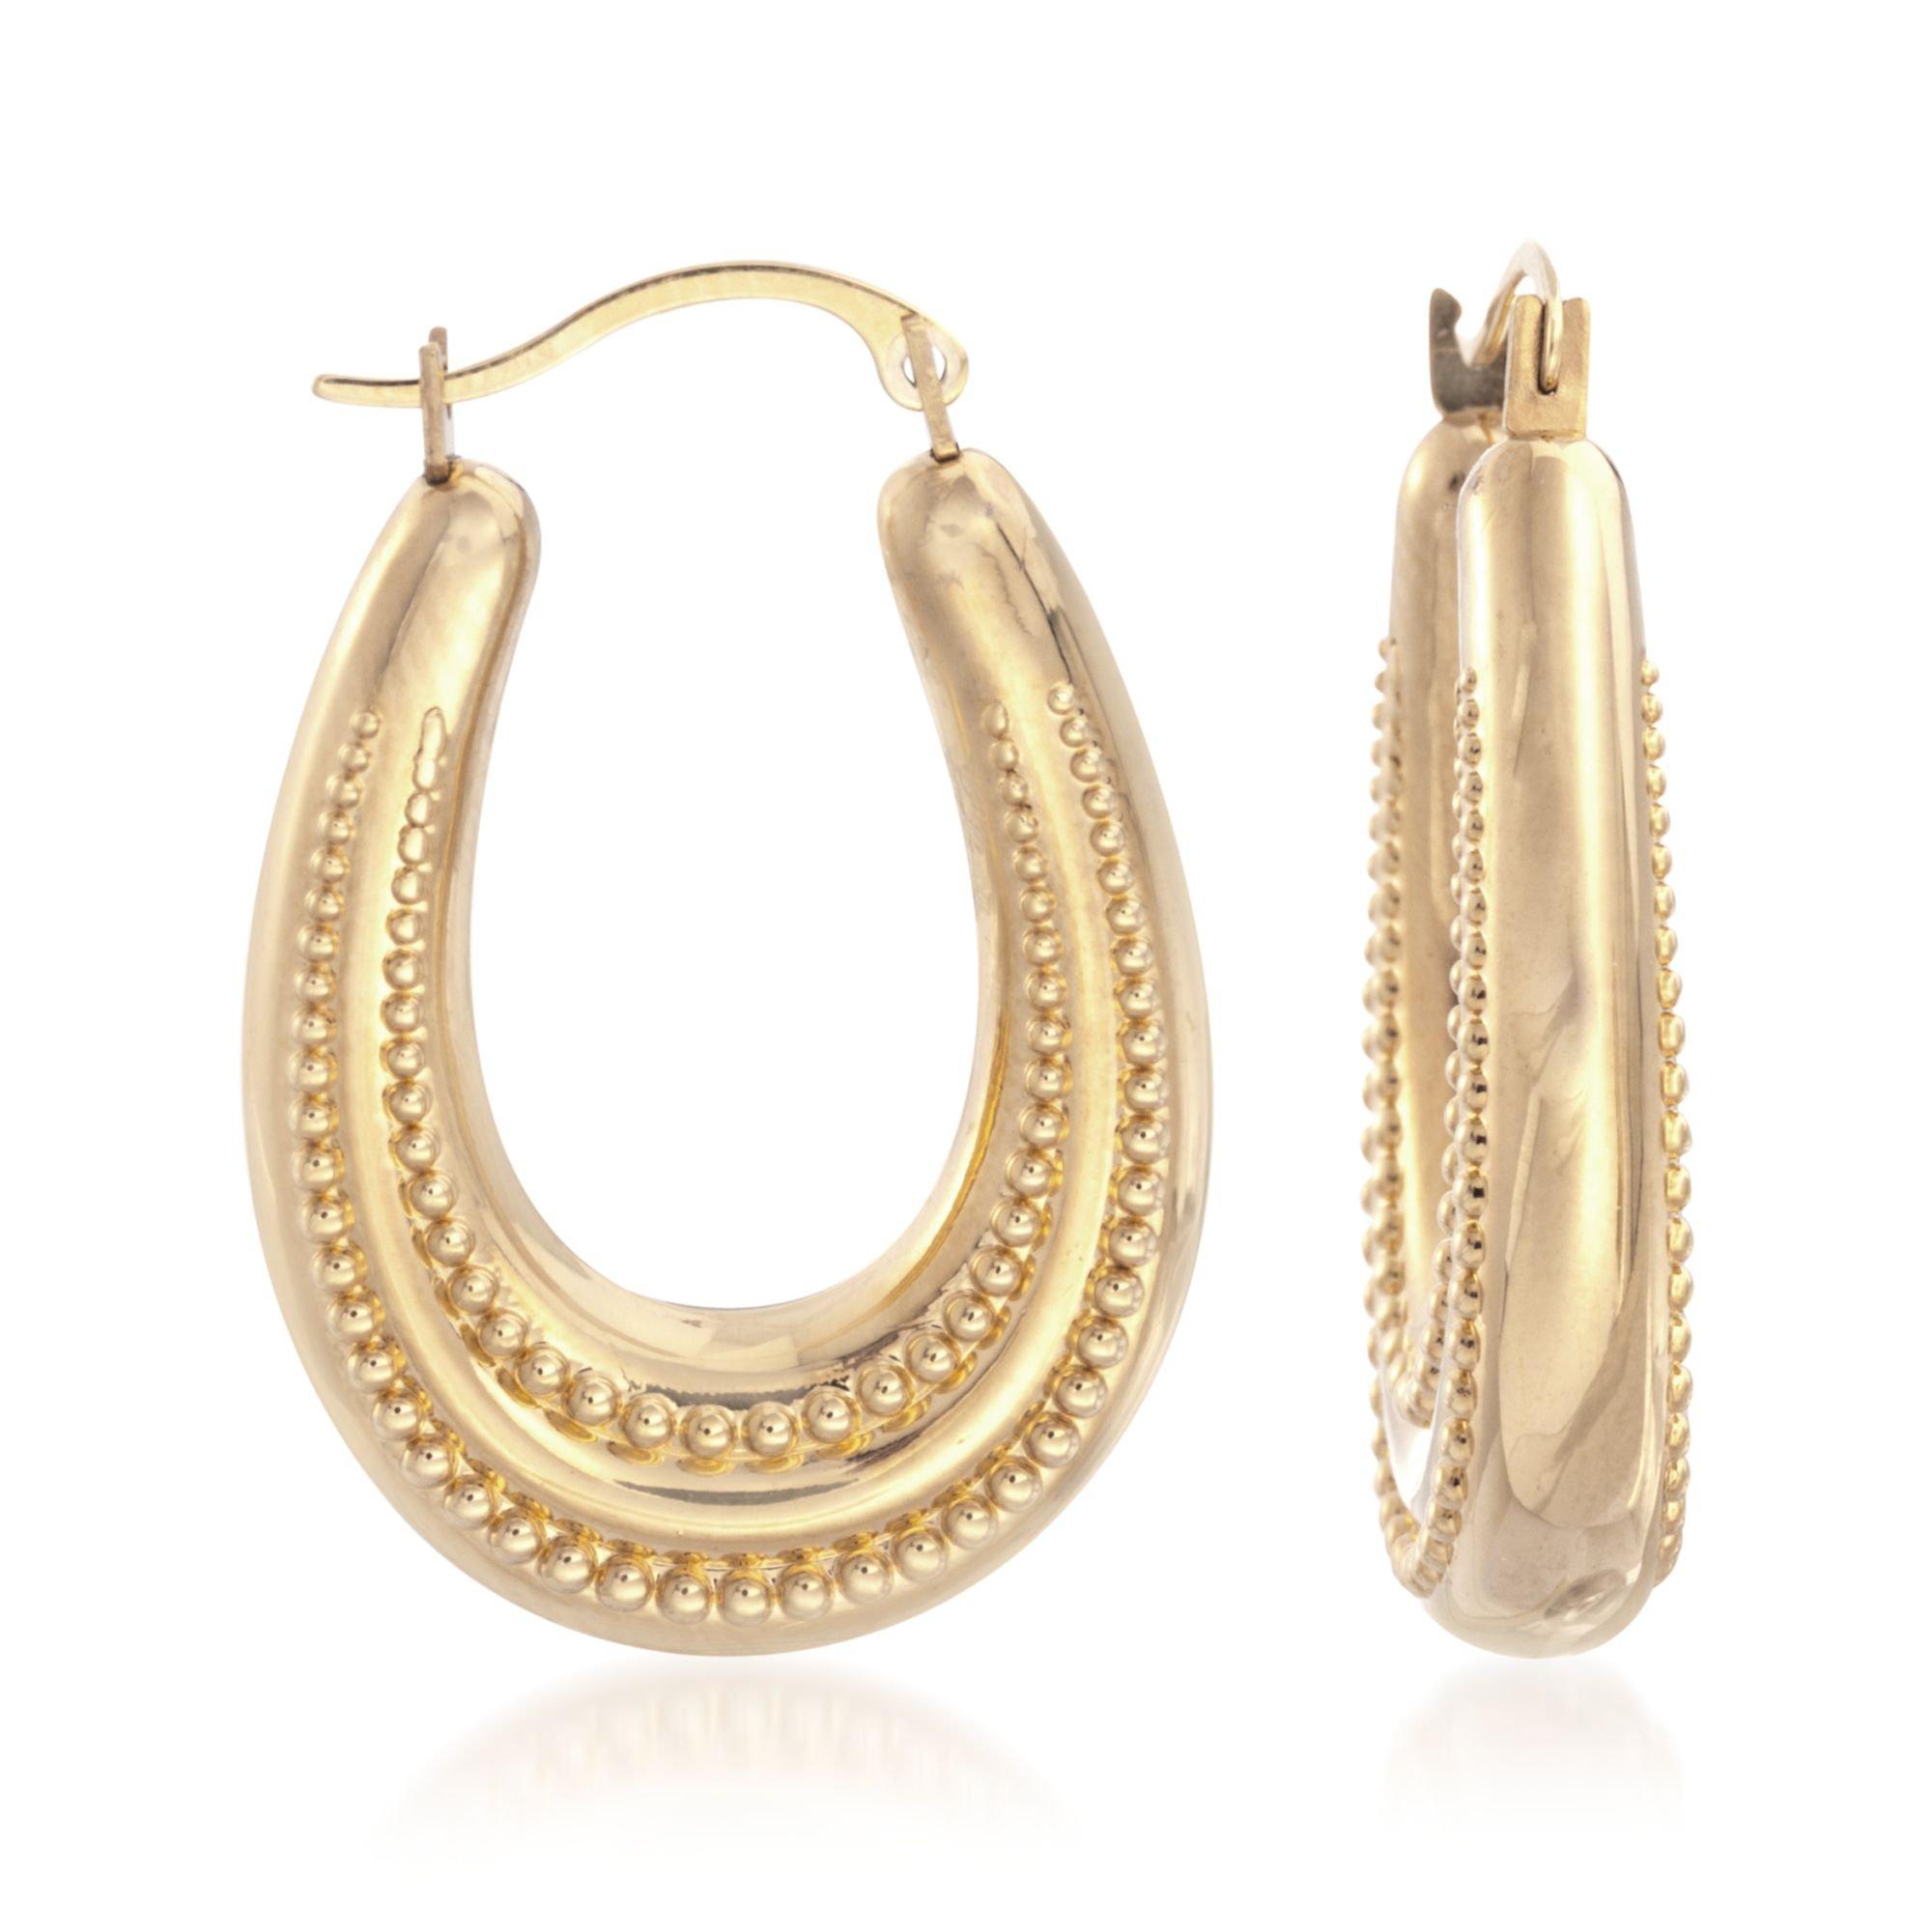 Ross-Simons 14kt Yellow Gold Beaded Oval Hoop Earrings